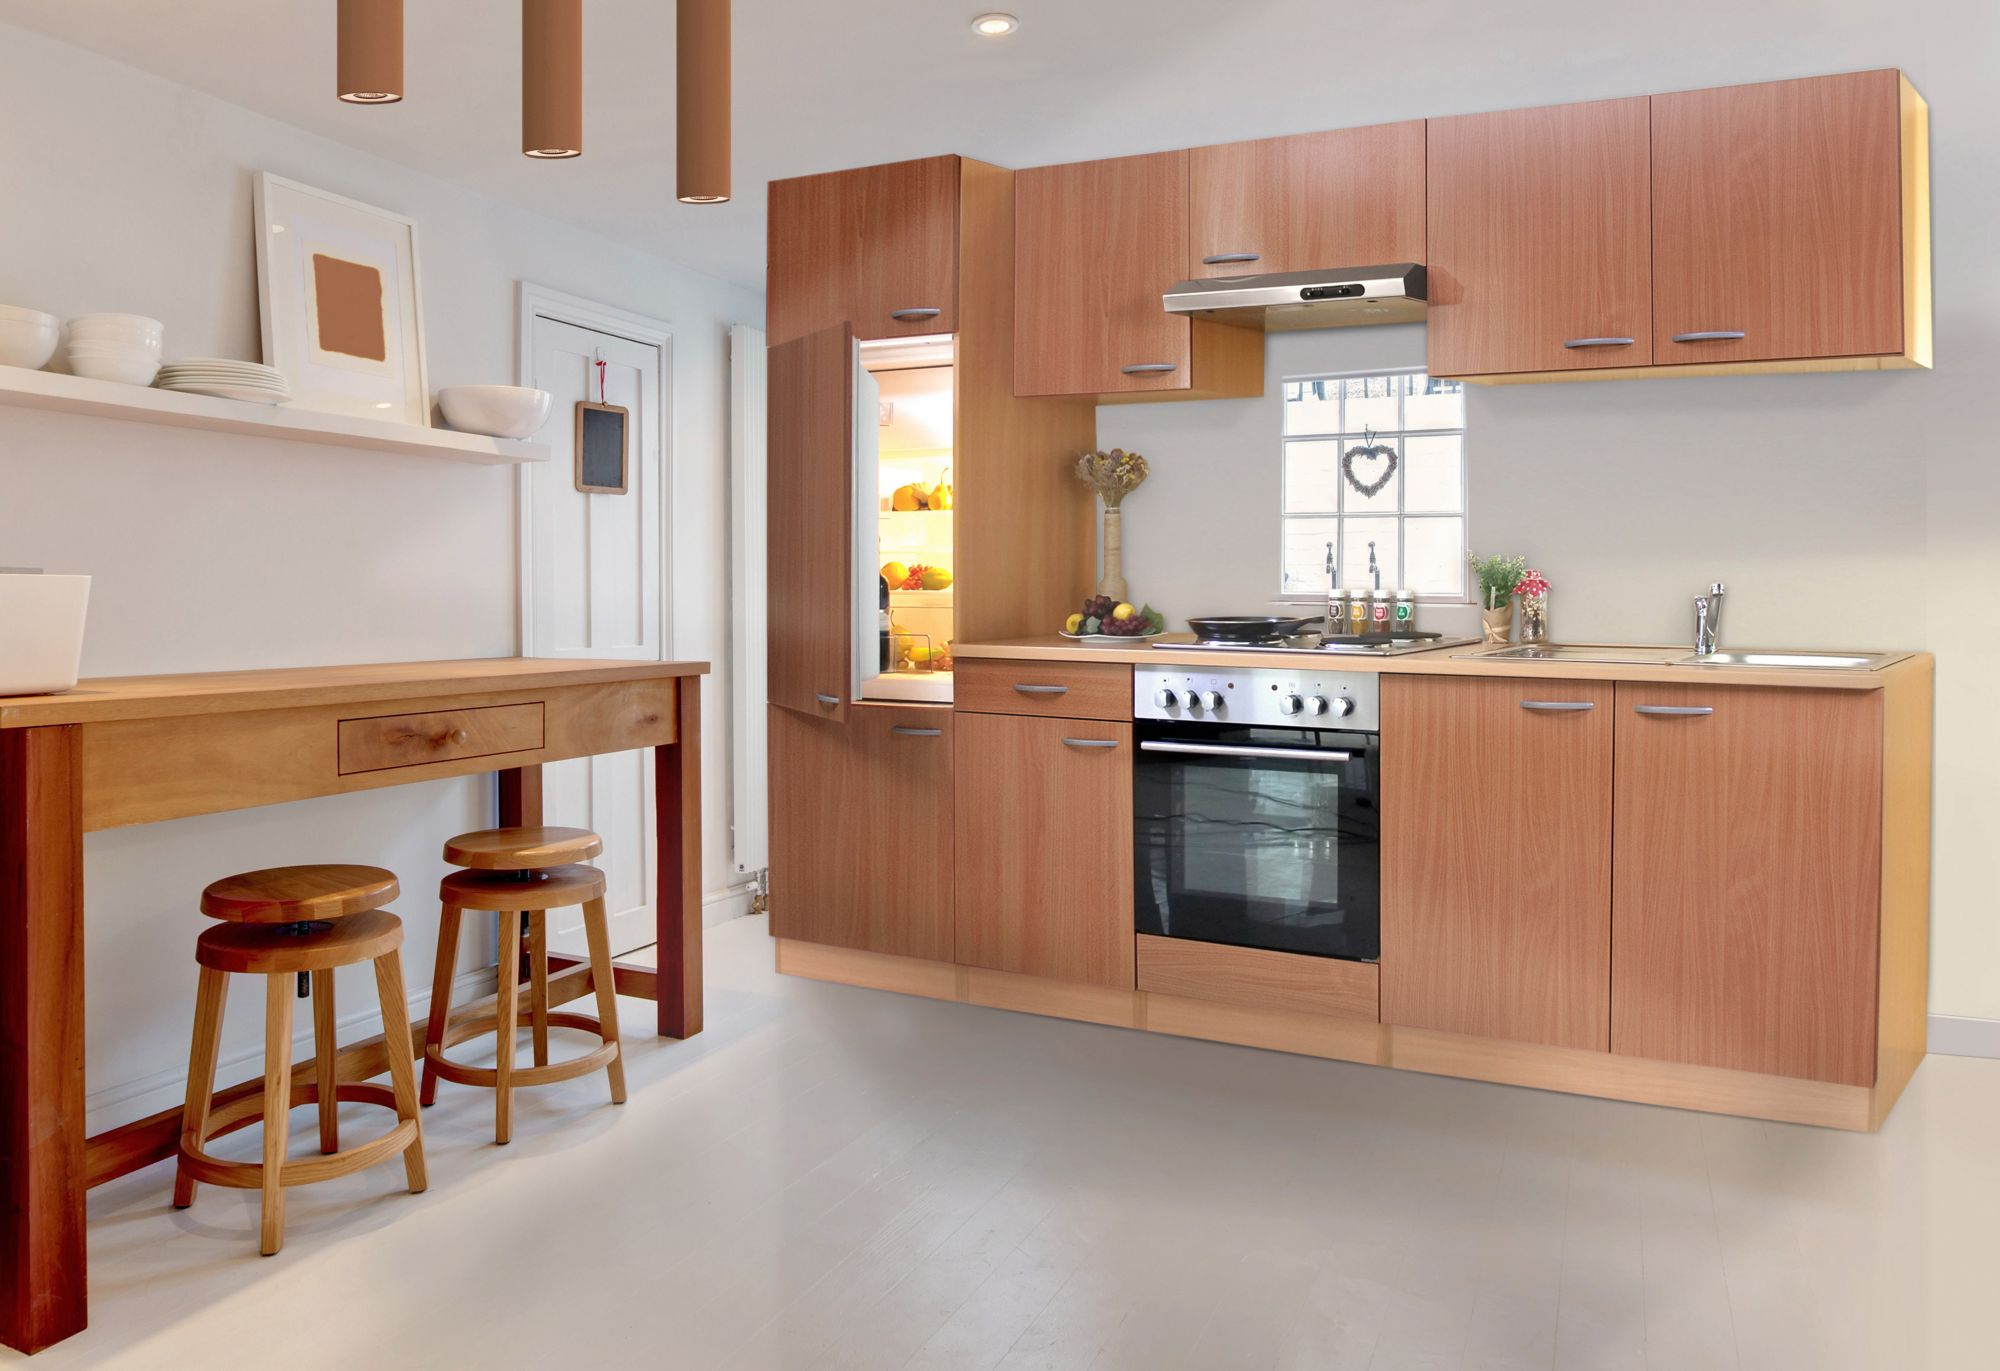 Kuchenleerblock basic breite 270 cm schwab versand for Küchenleerblock